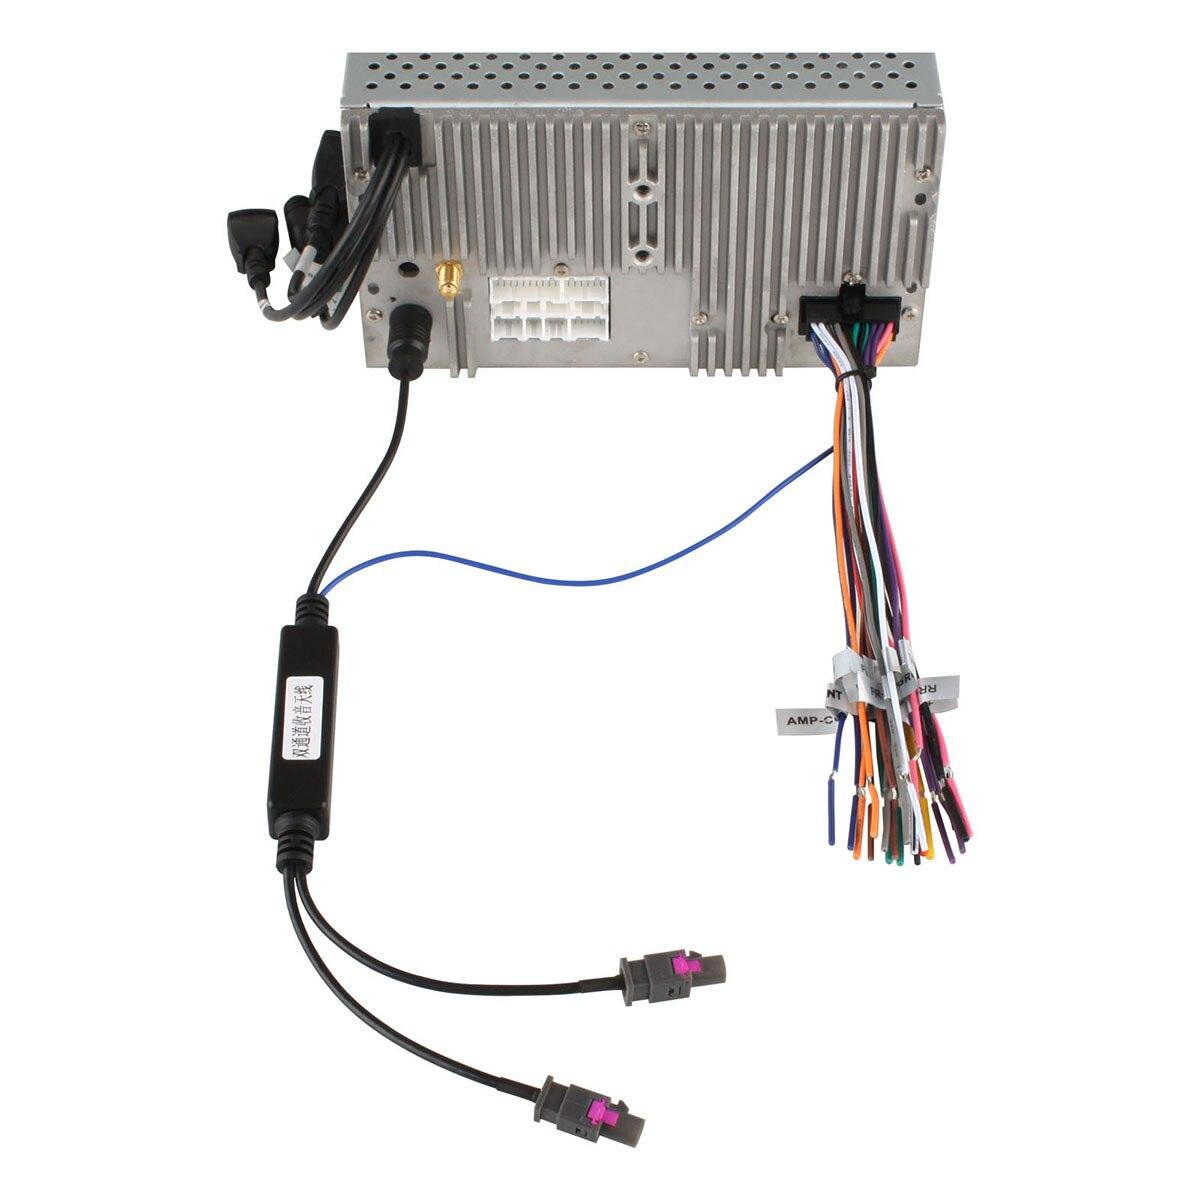 DVD GPS de Rádio Adaptador de Antena Fakra DIN Instalação Duas Maneiras Conecte O Cabo Adaptador para Audi VW BMW Benz Peugeot